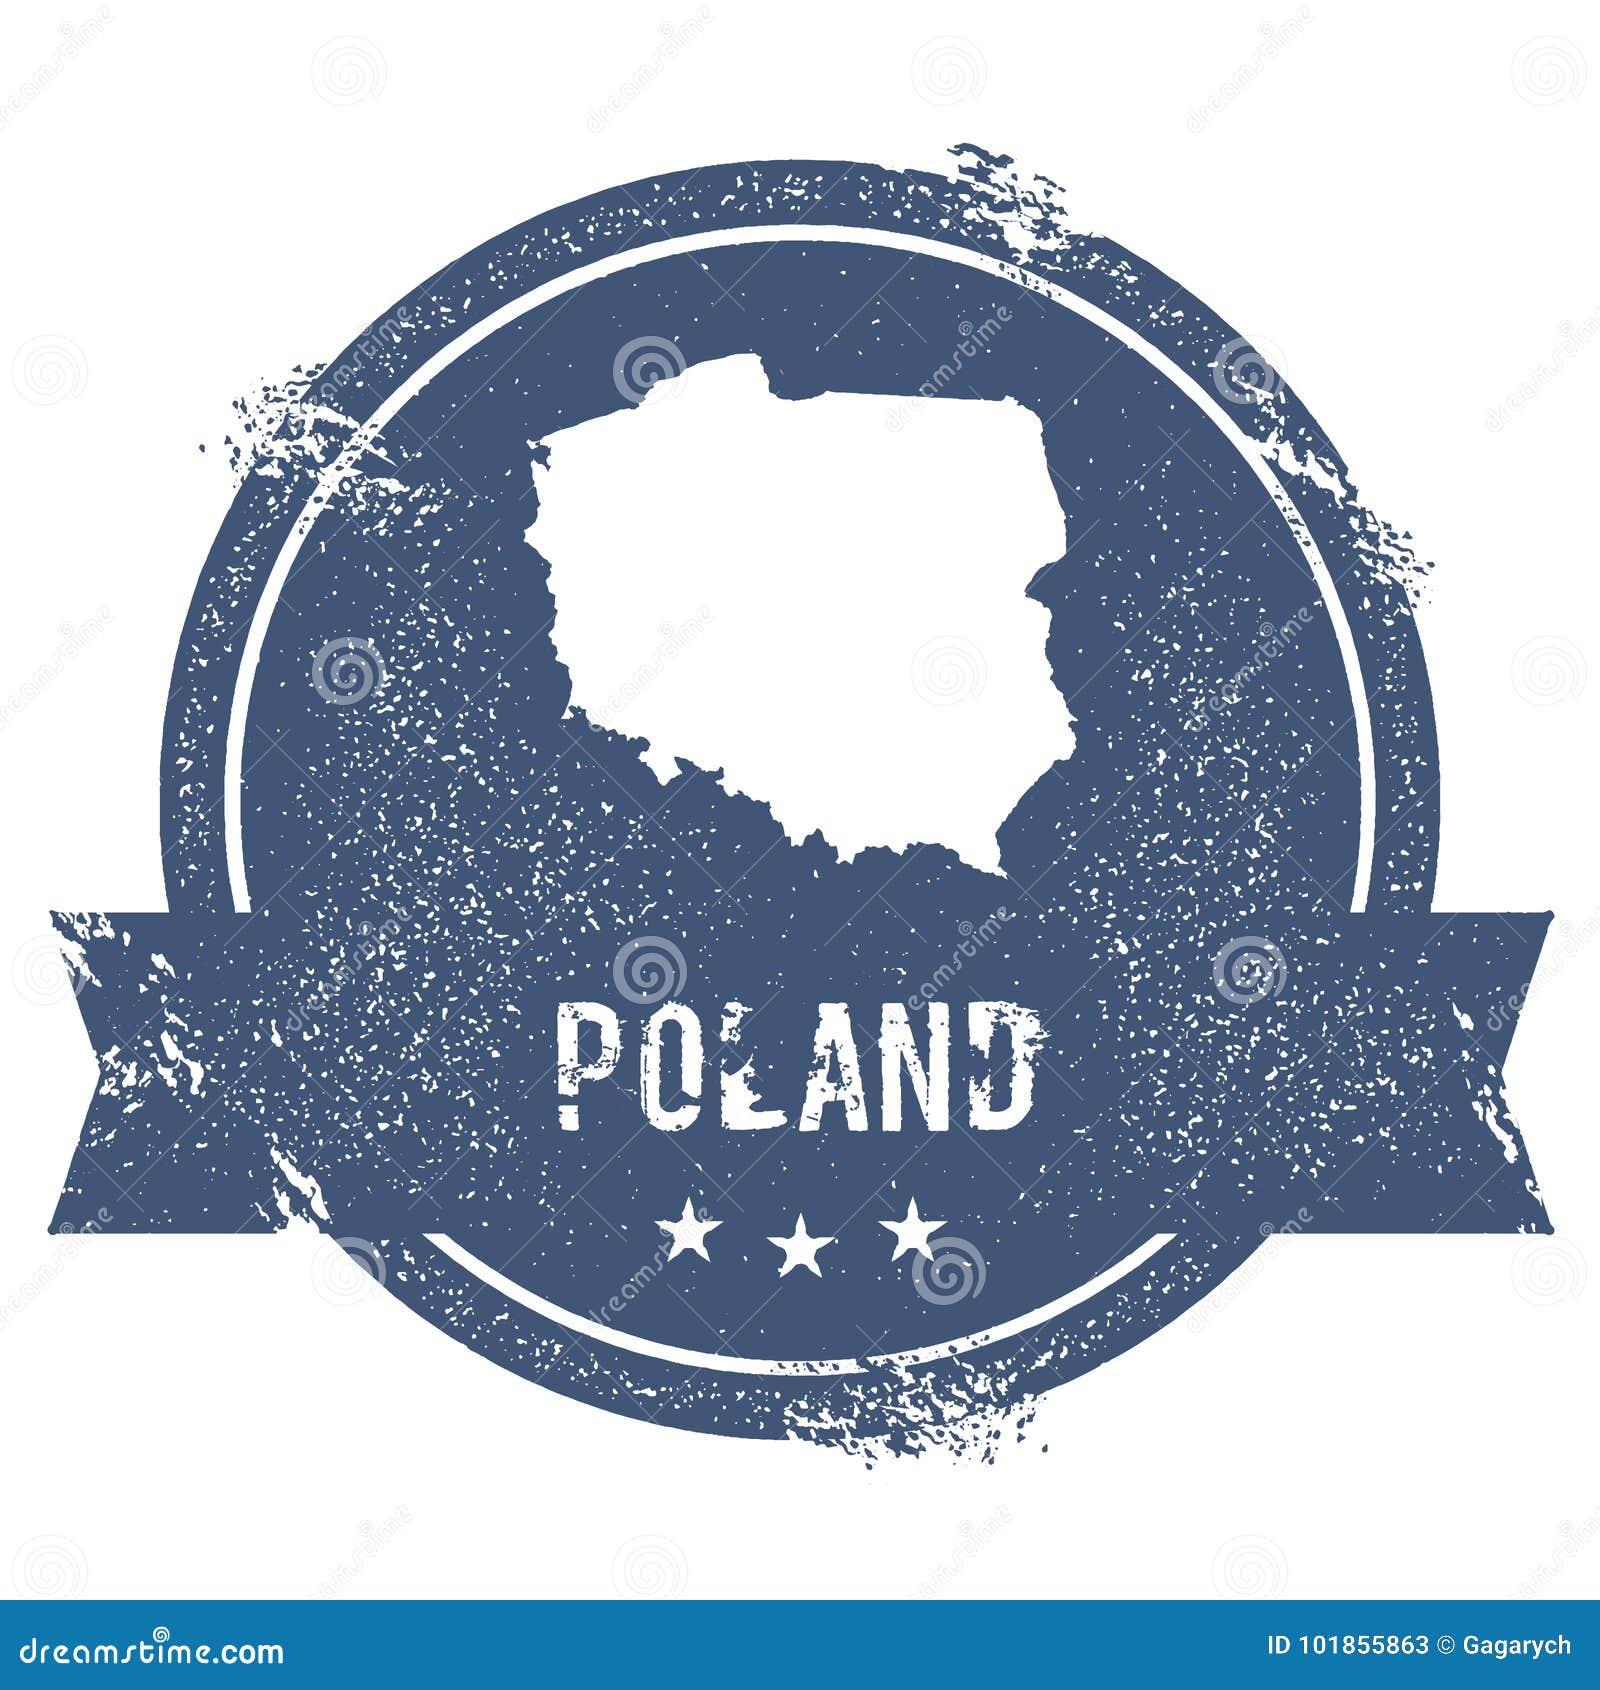 Poland mark.